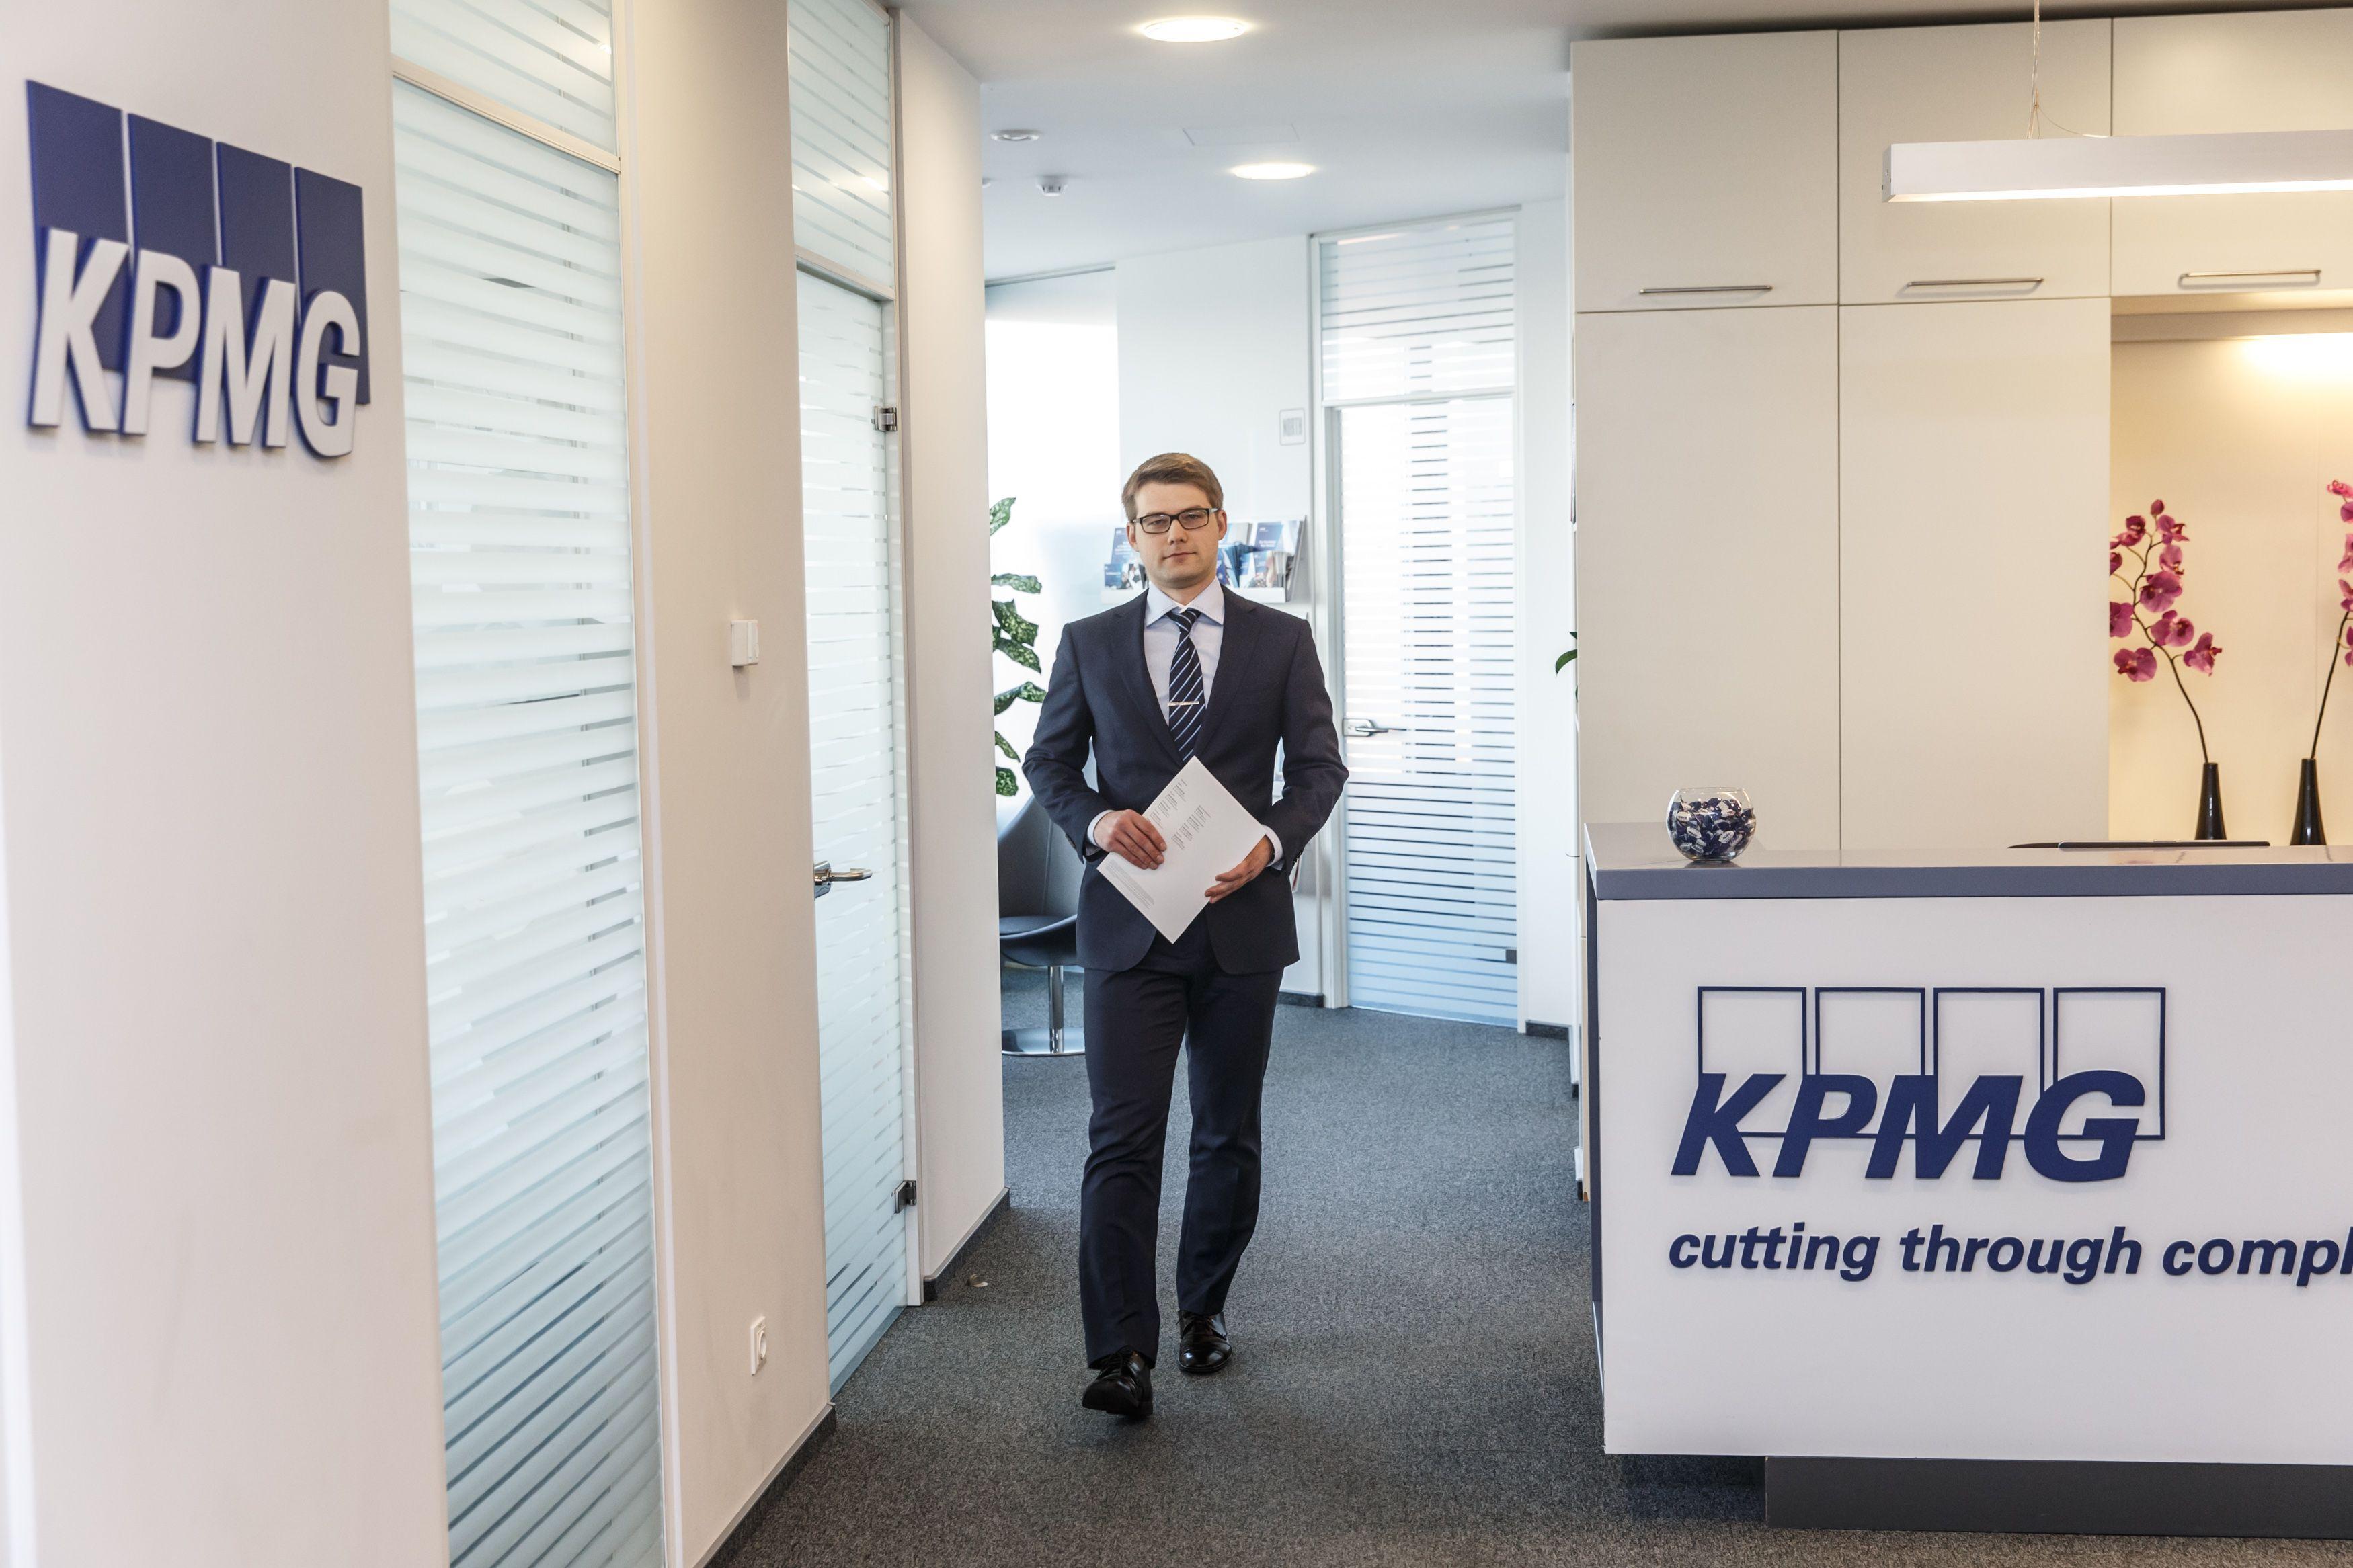 """Ignas Ričkus, UAB """"KPMG Baltics"""" mokesčių konsultantas: """"2016 m. buvo reikšmingų mokesčių administravimo pakeitimų, iš kurių bene svarbiausias yra išmaniosios mokesčių administravimo sistemos startas."""" Vladimiro Ivanovo (VŽ) nuotr."""